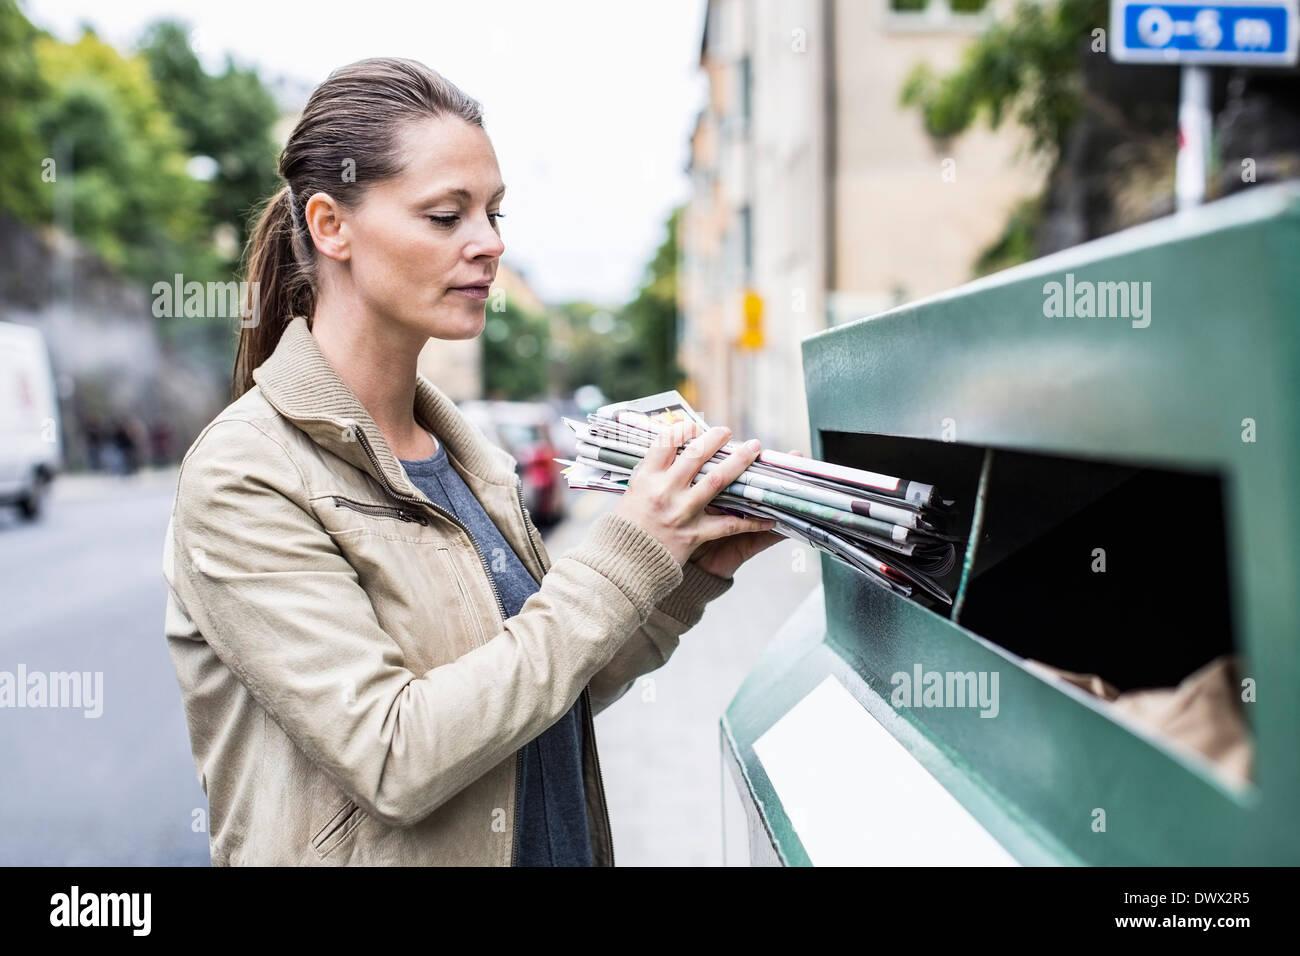 Metà donna adulta mettendo quotidiani in contenitore di riciclaggio Immagini Stock